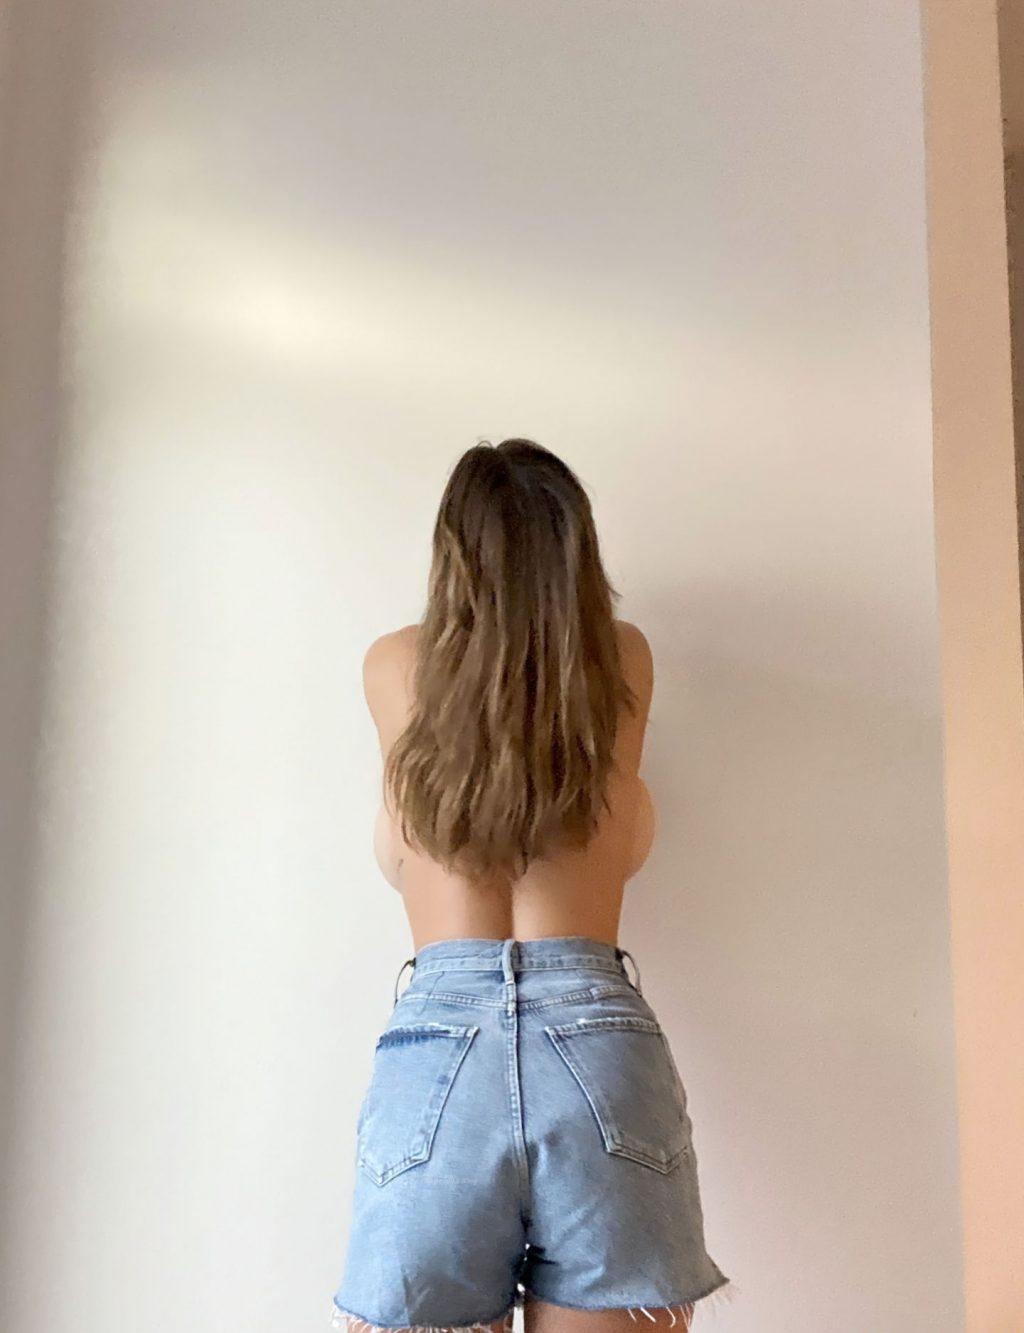 Ashley Tervort Topless (14 Photos)